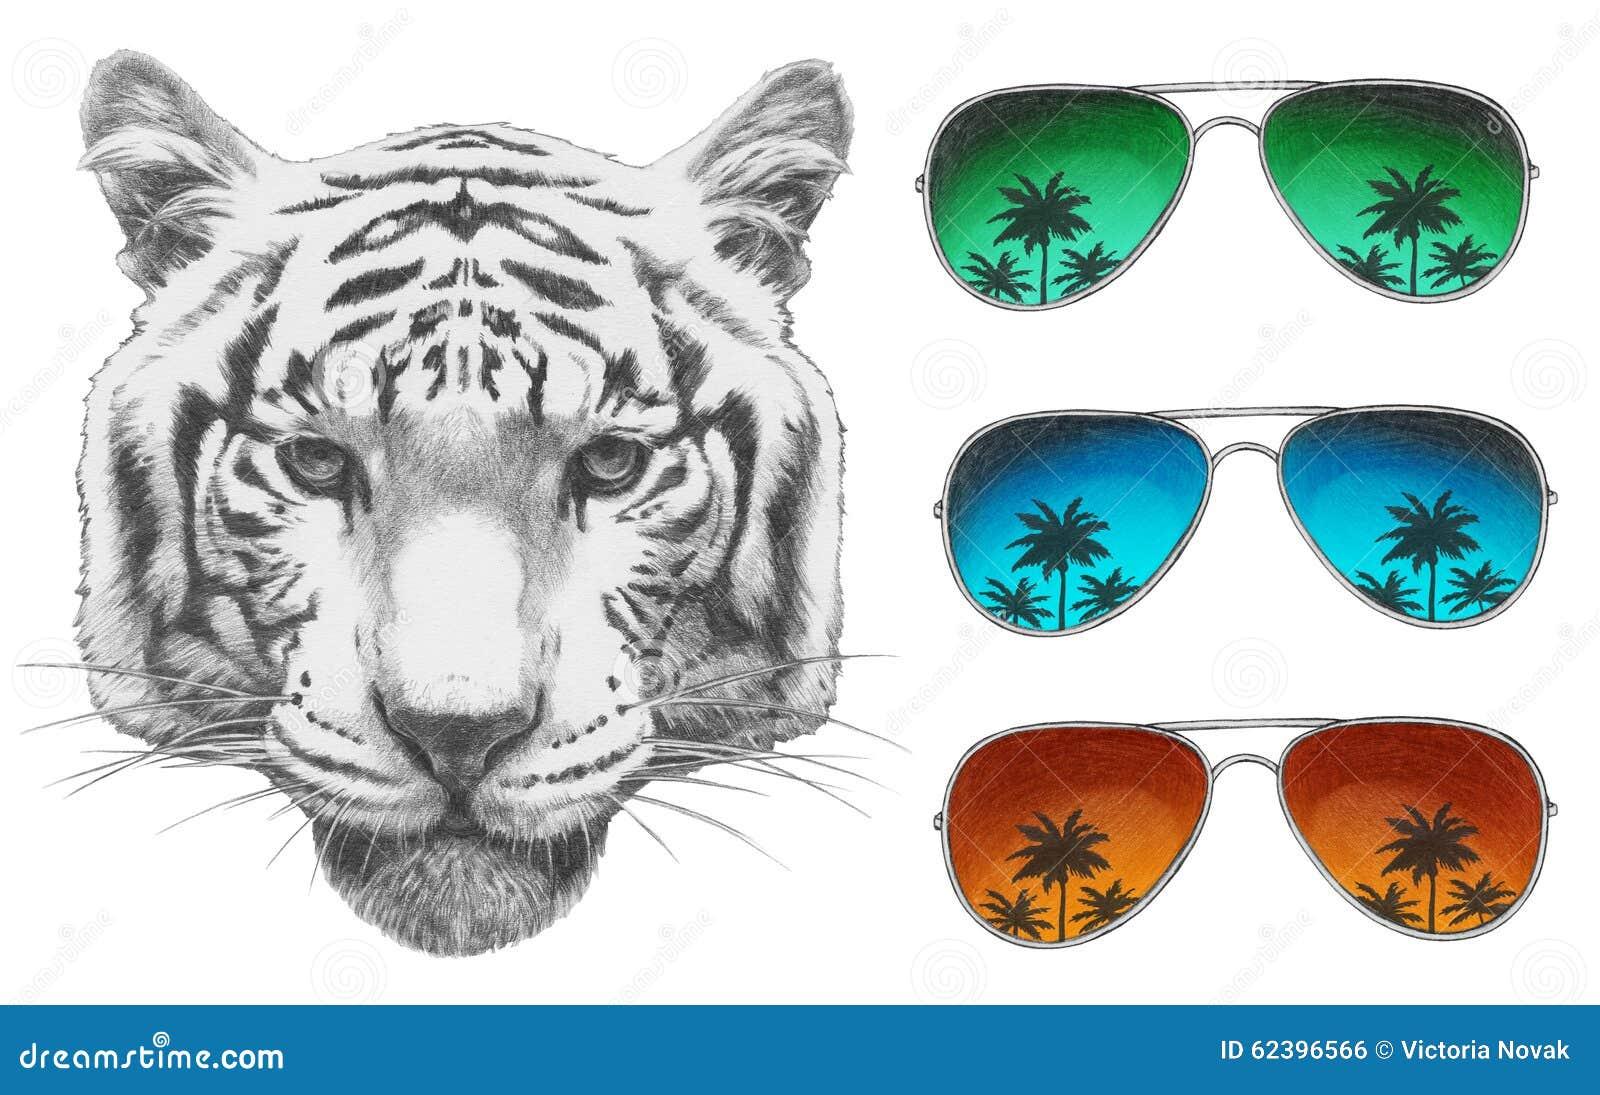 Original- teckning av tigern med spegelsolglasögon